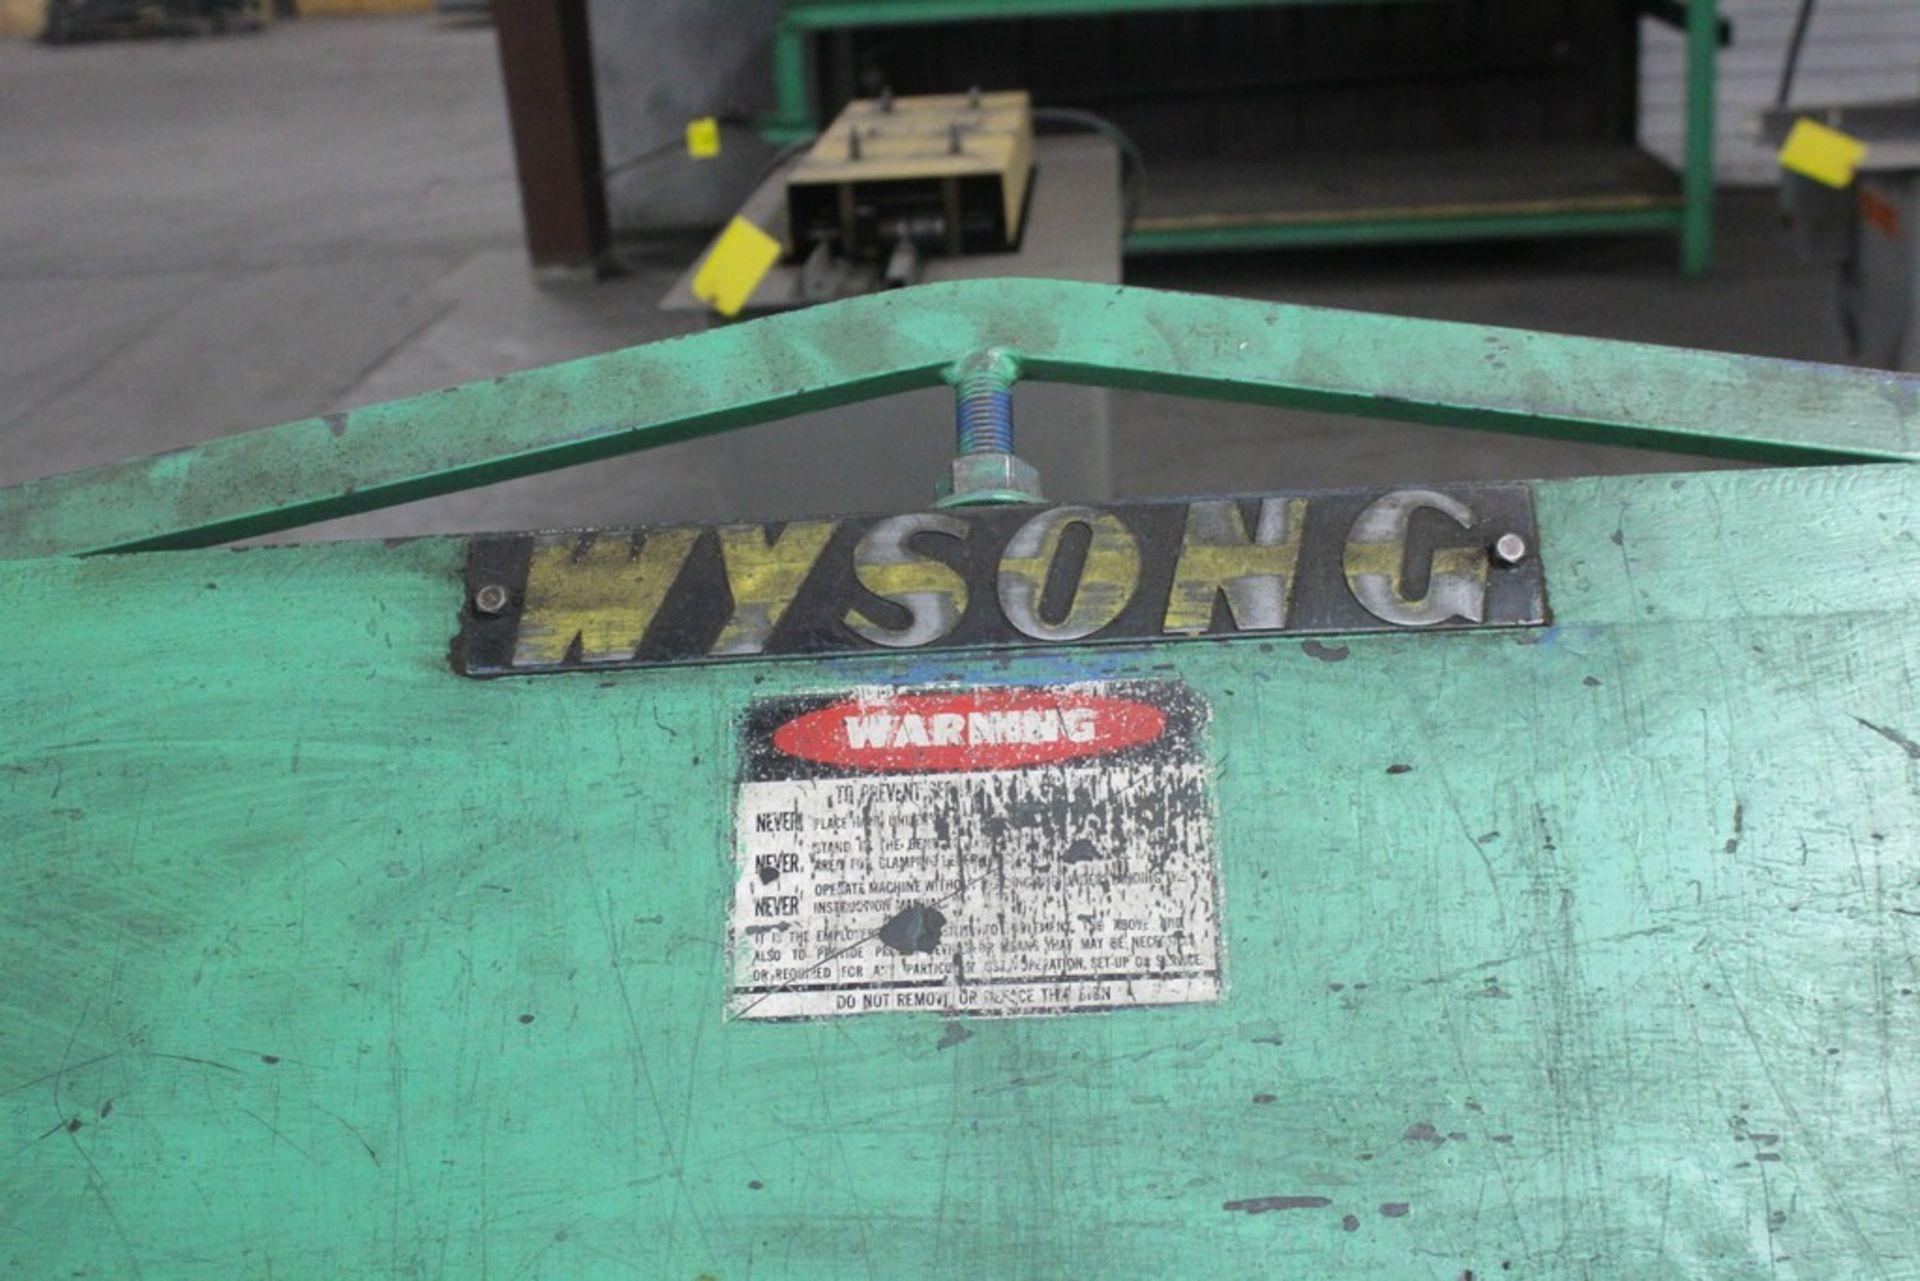 Lot 36 - Wysong Model 168-22 Apron Brake, Serial Number: HB5-267 - 14' x 22 ga Capacity